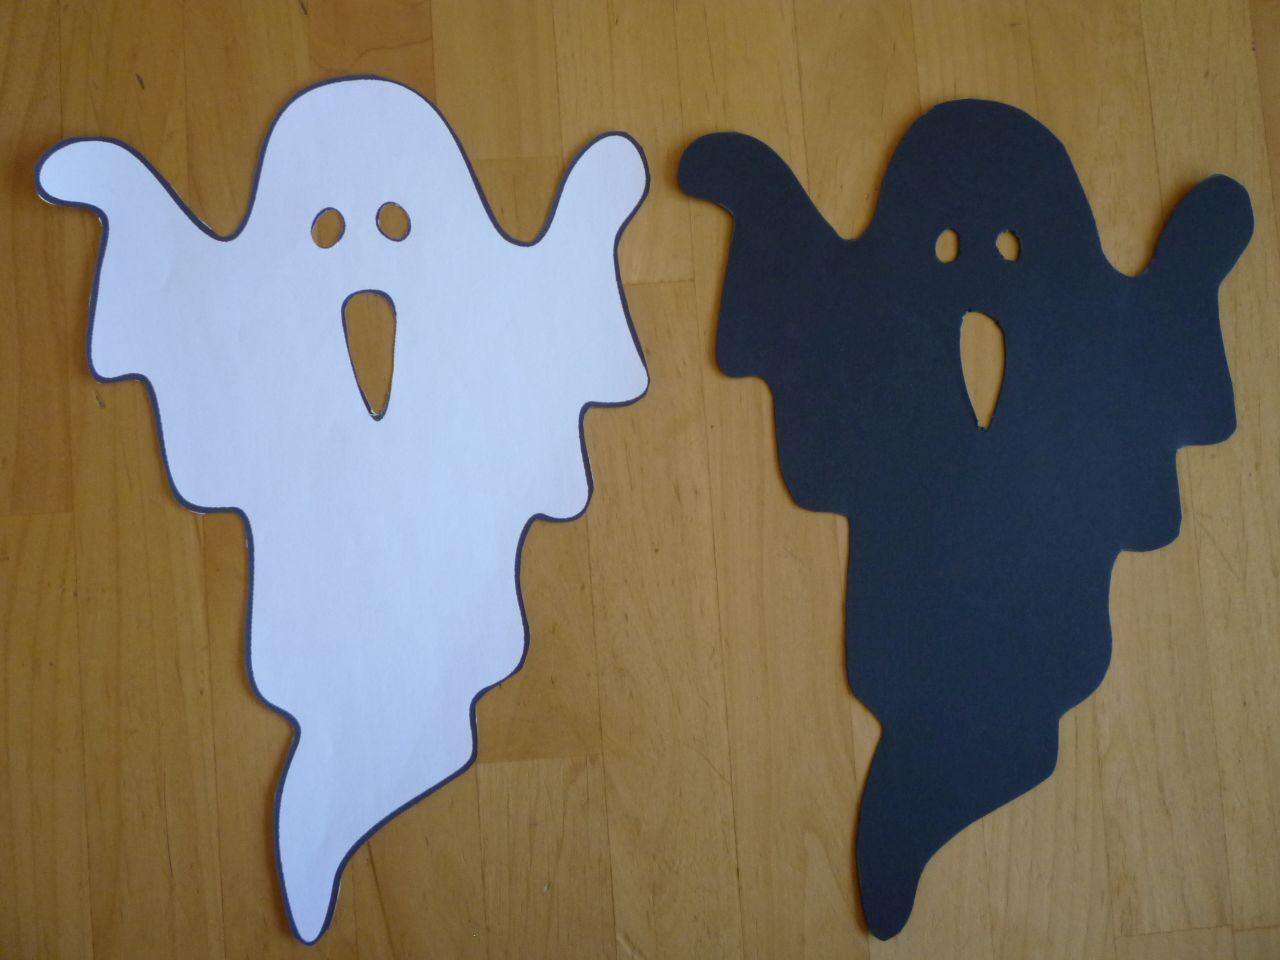 Fensterdekoration Halloween Die Bastelemma